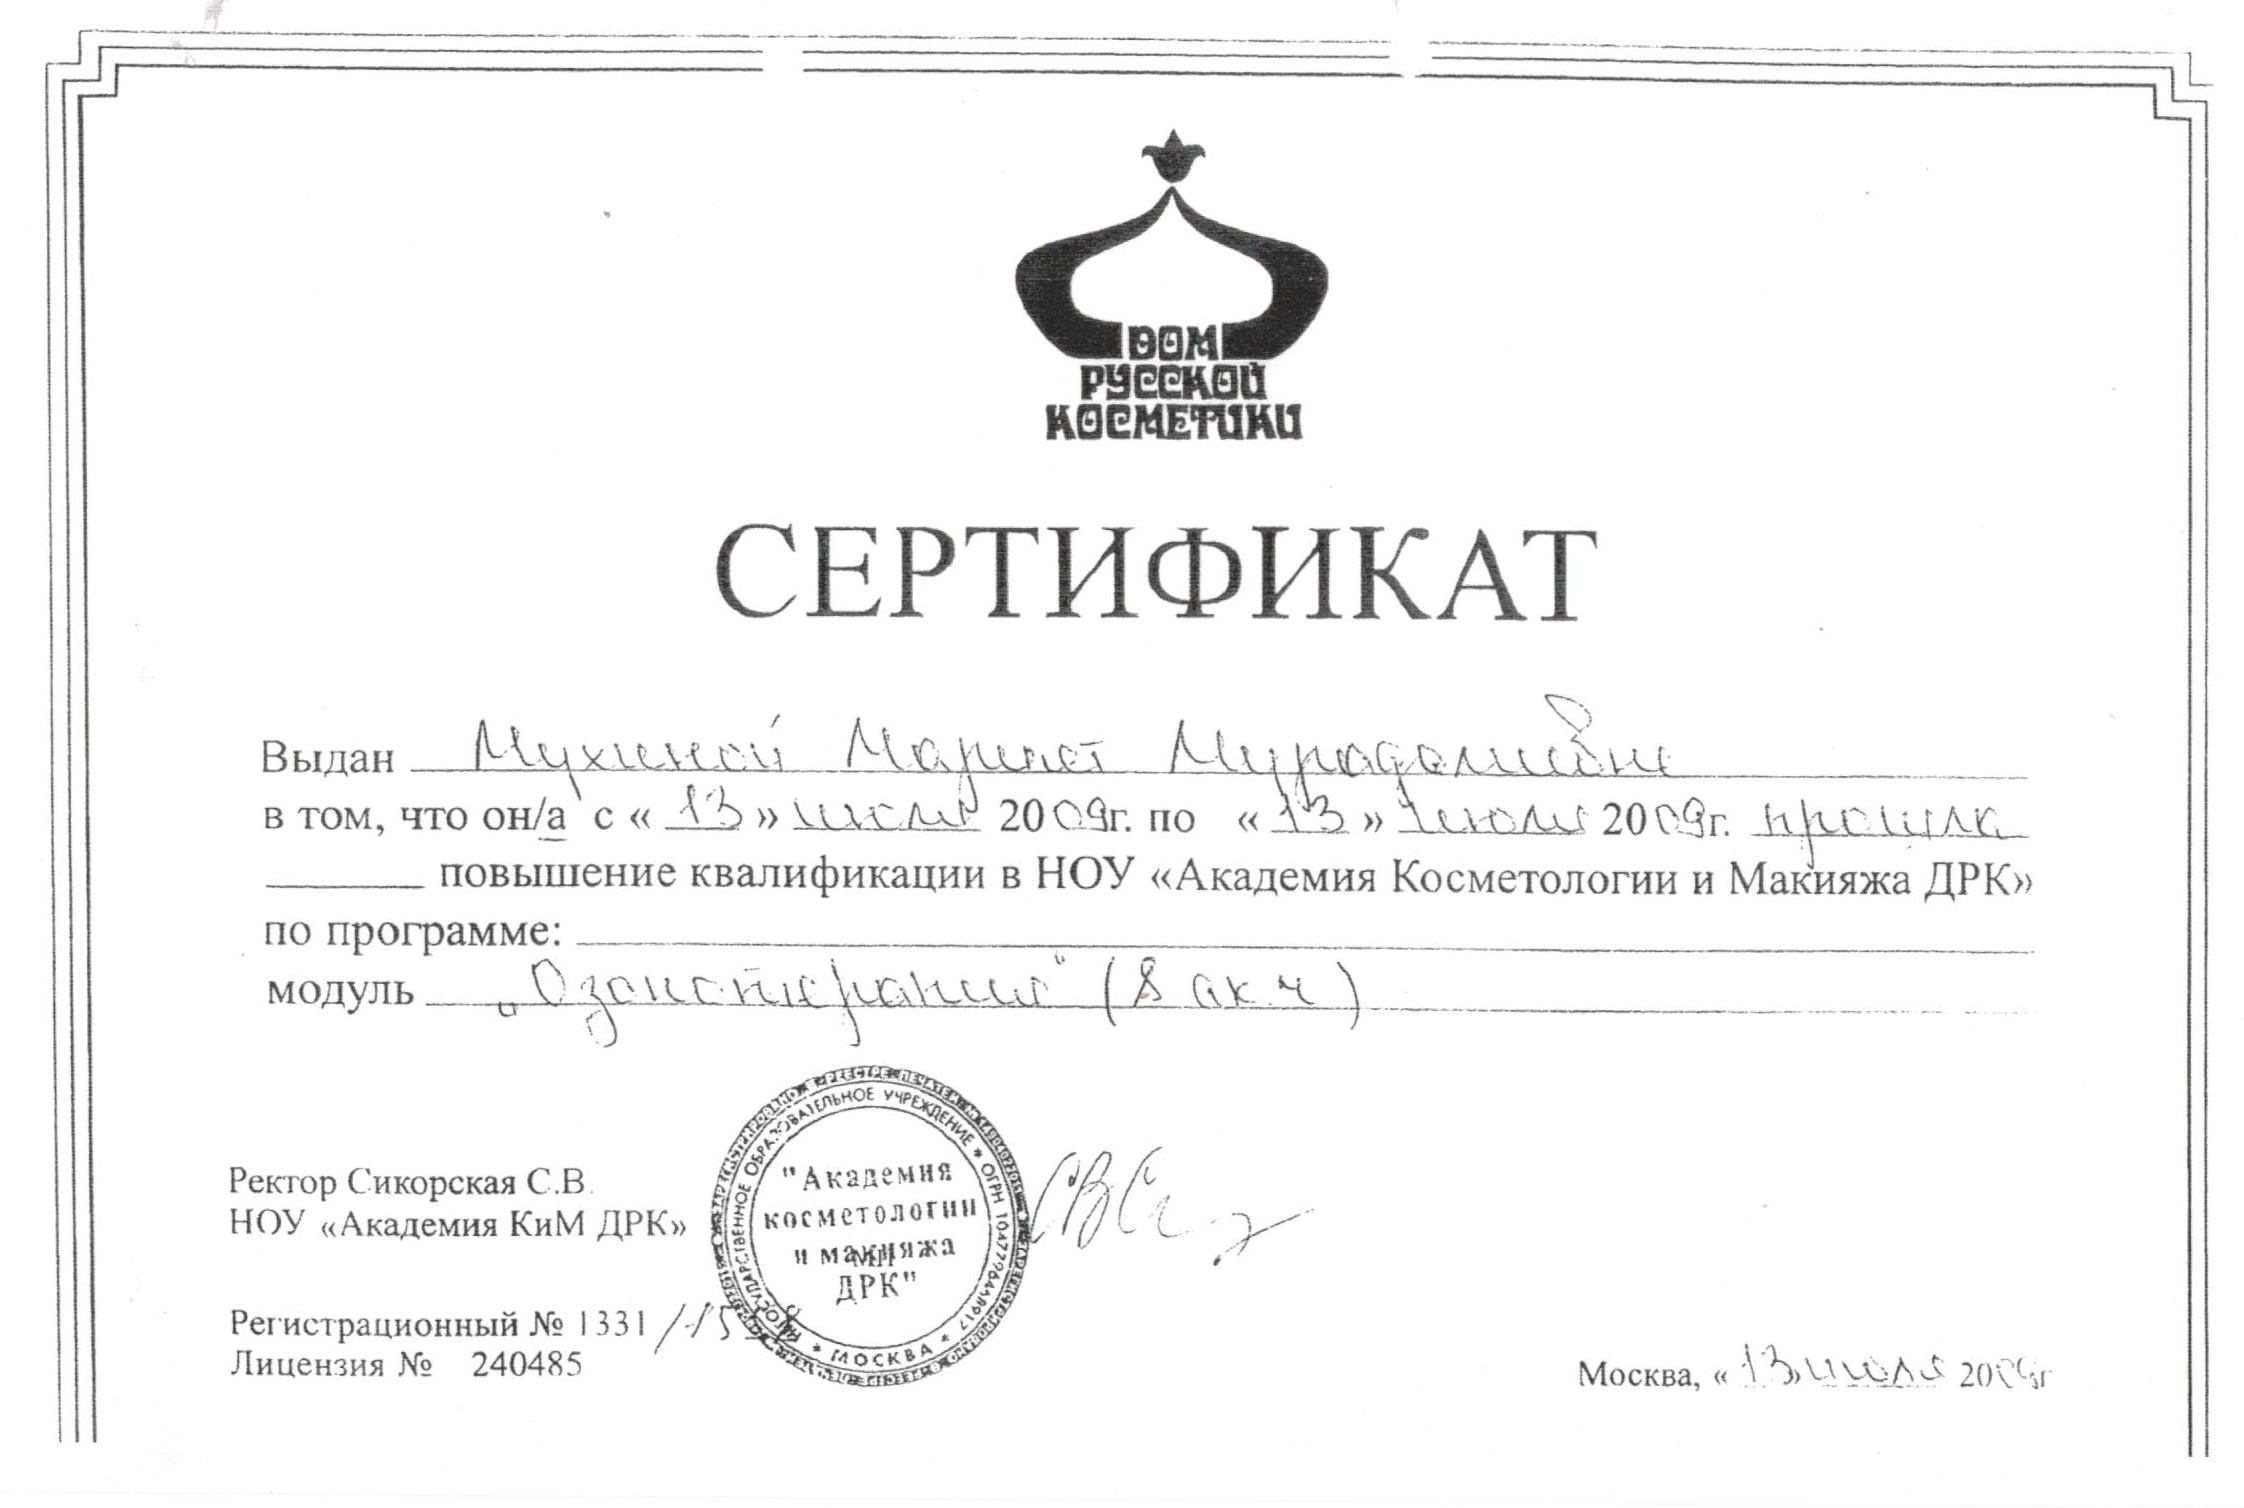 Мухина Марият Мурадалиевна Докторская диссертация г Москва 2009г посмотреть документ Свидетельство о краткосрочном повышении квалификации